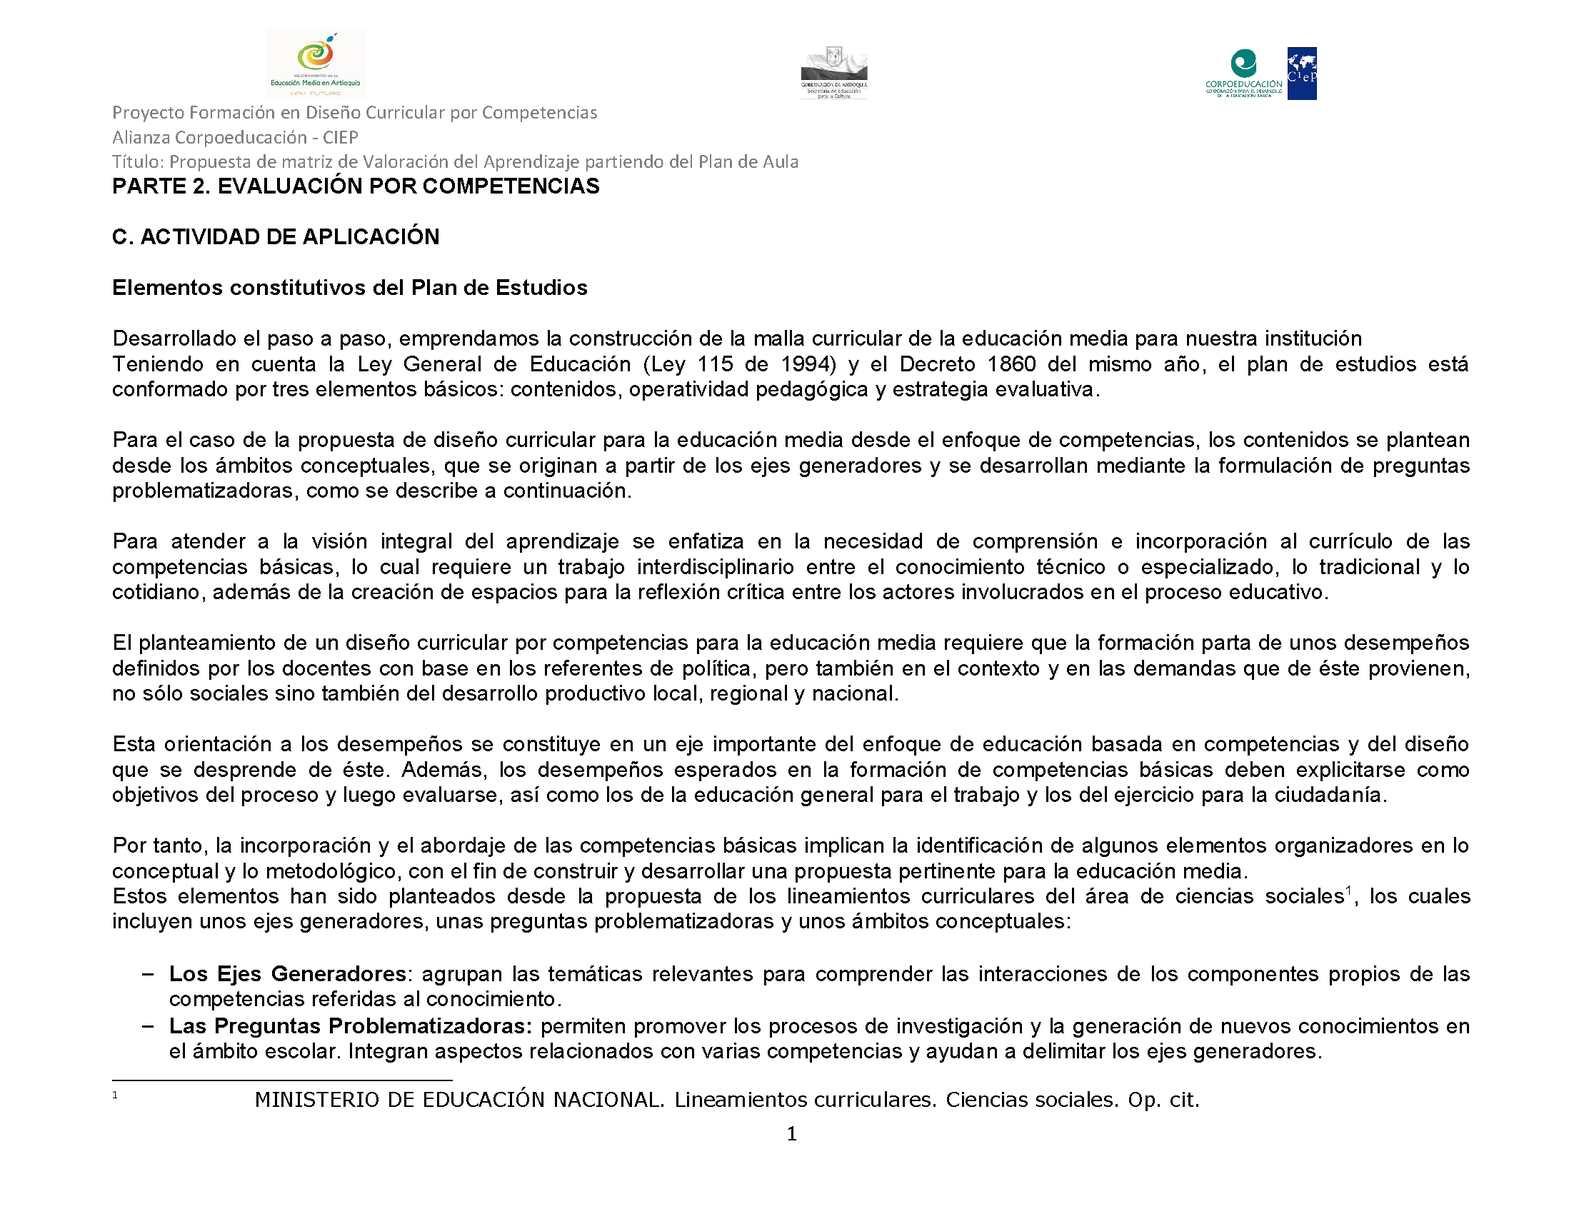 Calaméo - CAPACITACION VISITA 4 - CORPOEDUCACION